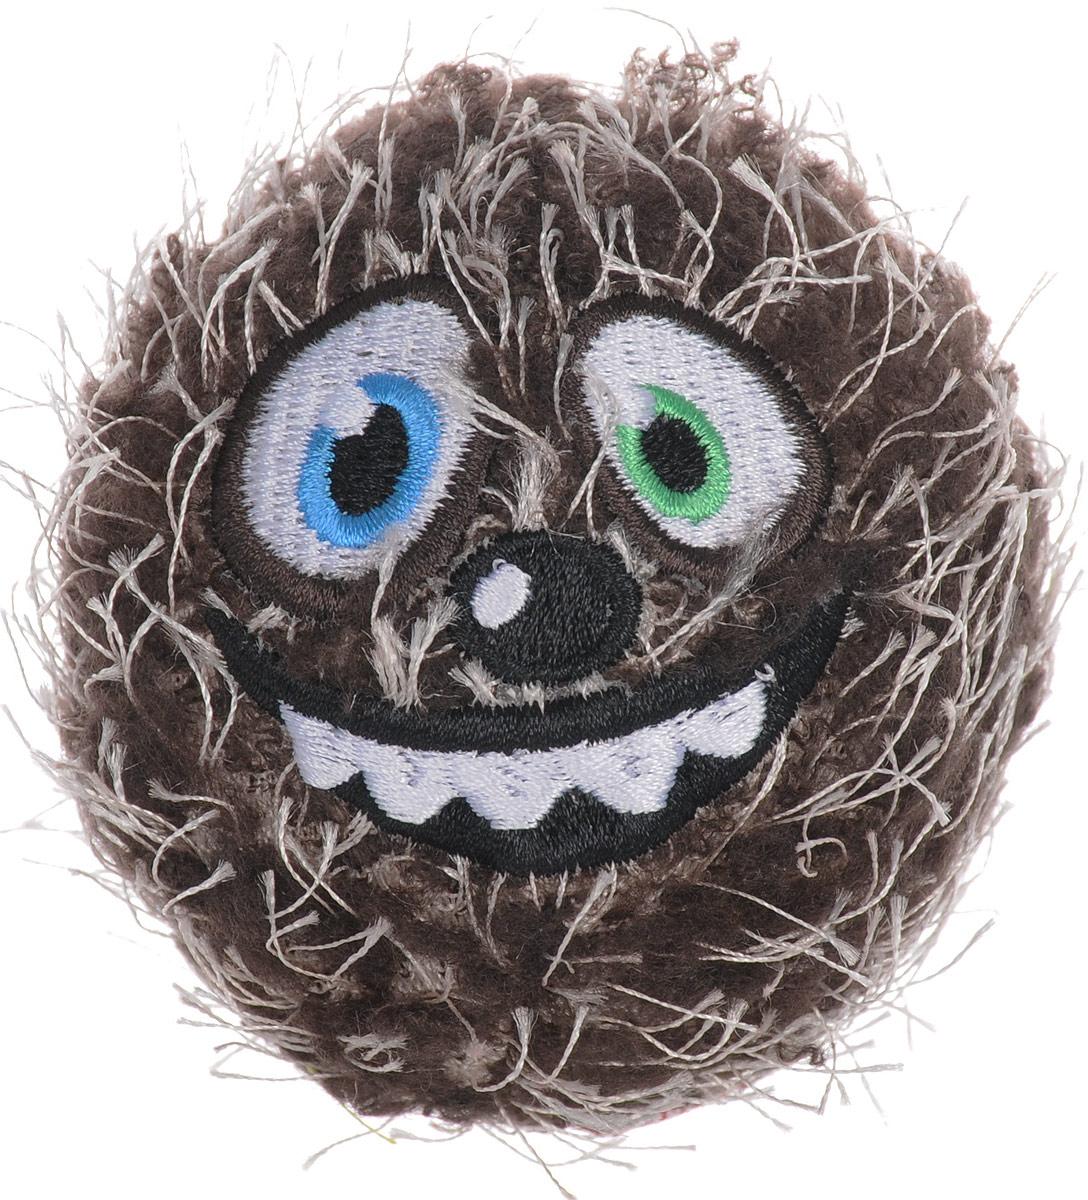 Игрушка для собак GiGwi Мяч, с пищалкой, диаметр 7 см. 753430120710Игрушка для собак GiGwi Мяч выполнена из сочетания резинового сердечника, пищалки и плюшево-войлочных покрытий. Игрушка подходит для активной игры. Прочный, неабразивный, нетоксичный материал не ранит зубы. Игрушка оснащена пищалкой.